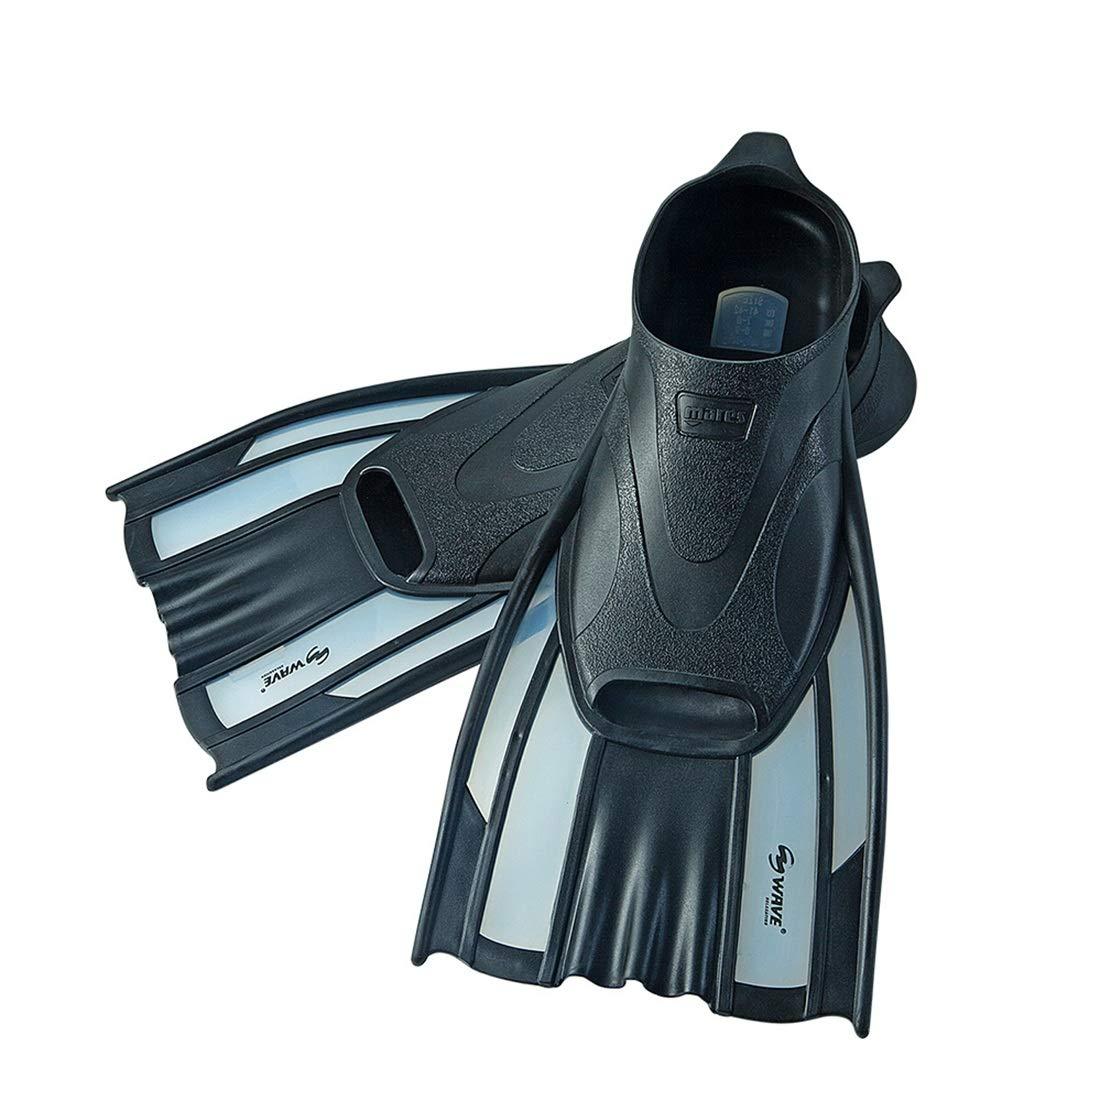 Peii Rori 水泳用の大人の短いシュノーケリングフィンダイビングフィン (Color : ブラック, サイズ : L) B07QHSJQ8P ブラック Large